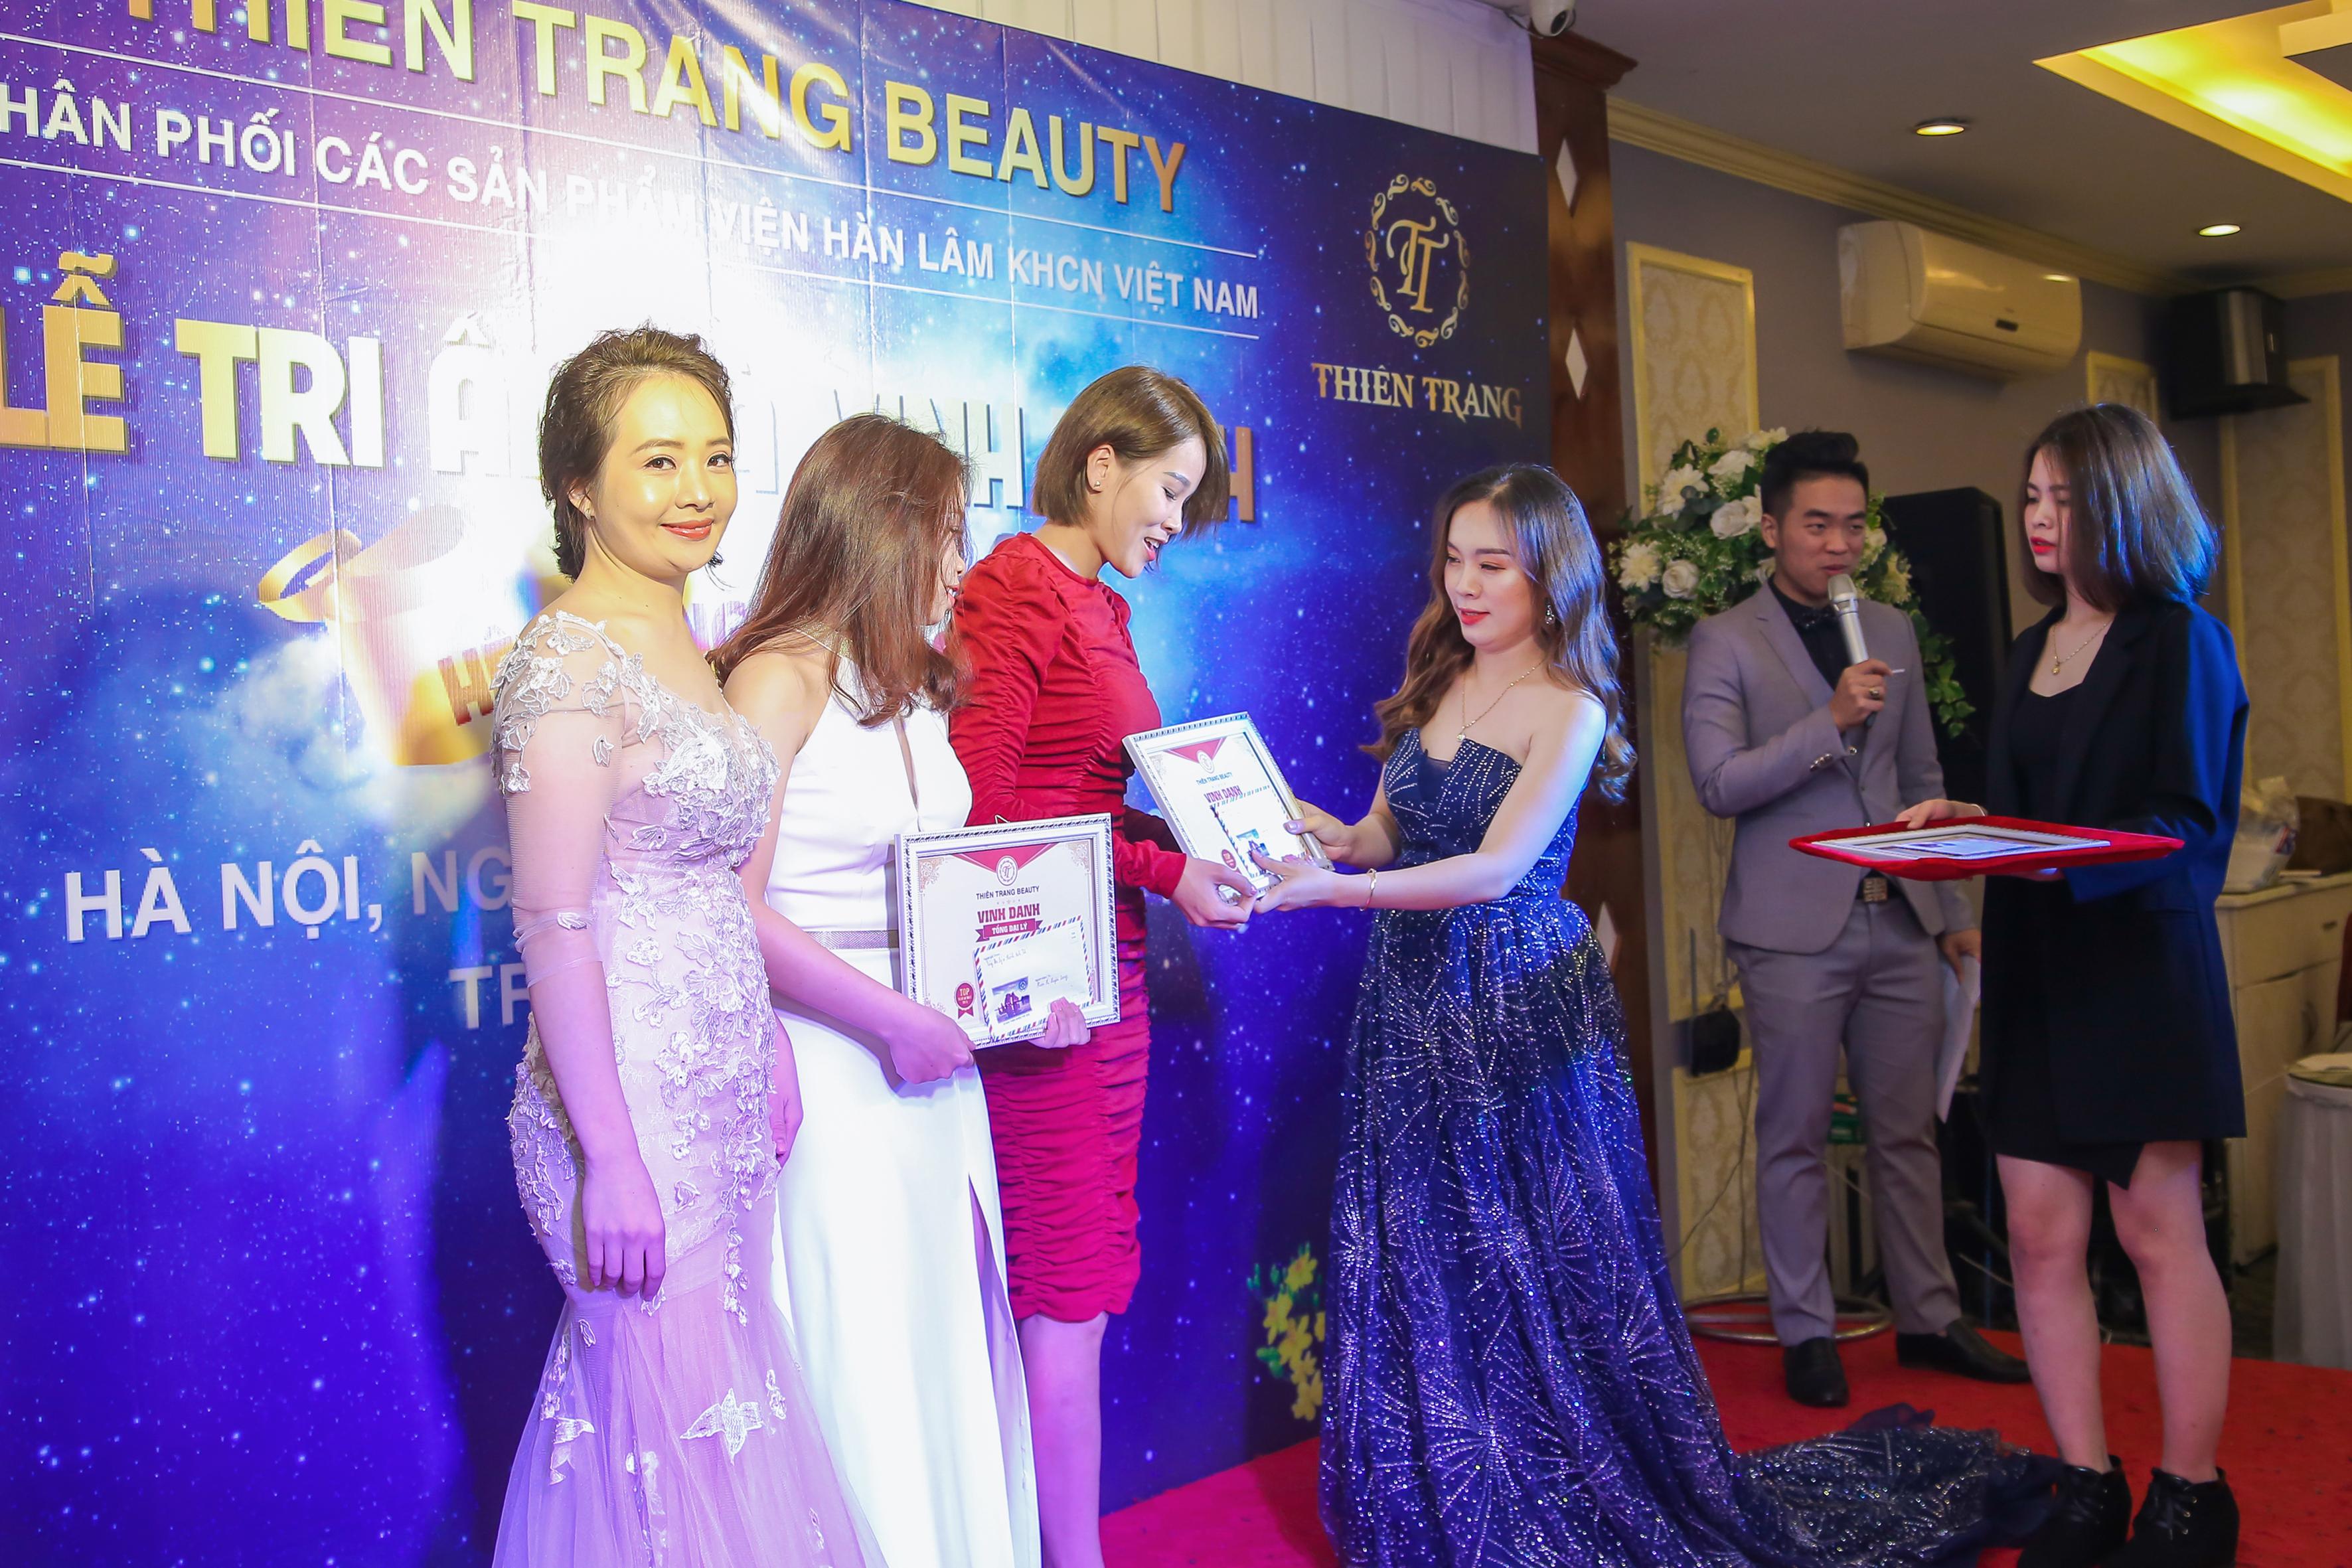 Giám đốc Thiên Trang trao bằng vinh danh cho cá nhân xuất sắc